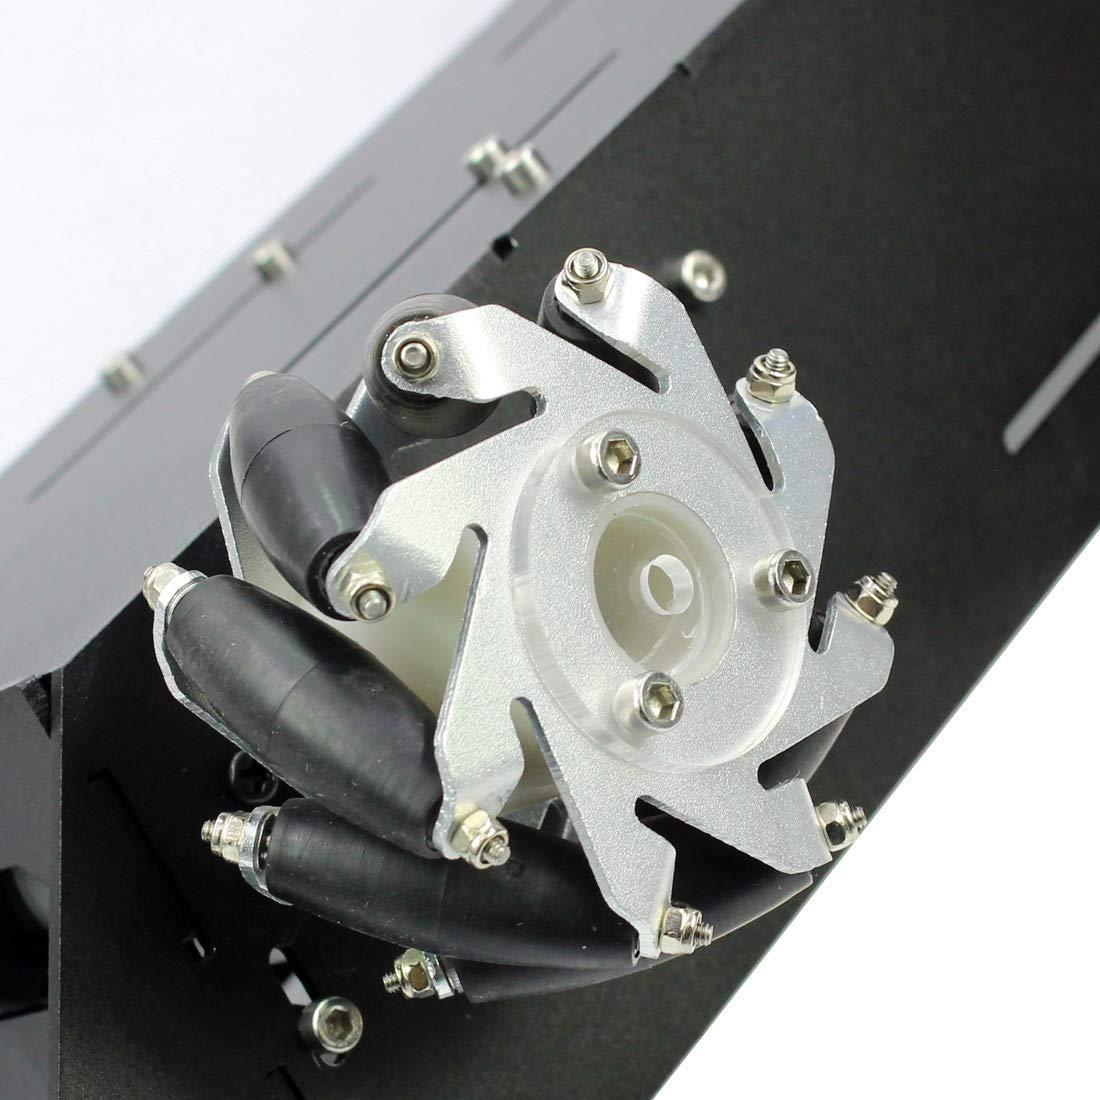 4WD RC châssis de voiture intelligente pour plate-forme Arduino avec moteur 12 V bricolage 4 roues Robot - 6